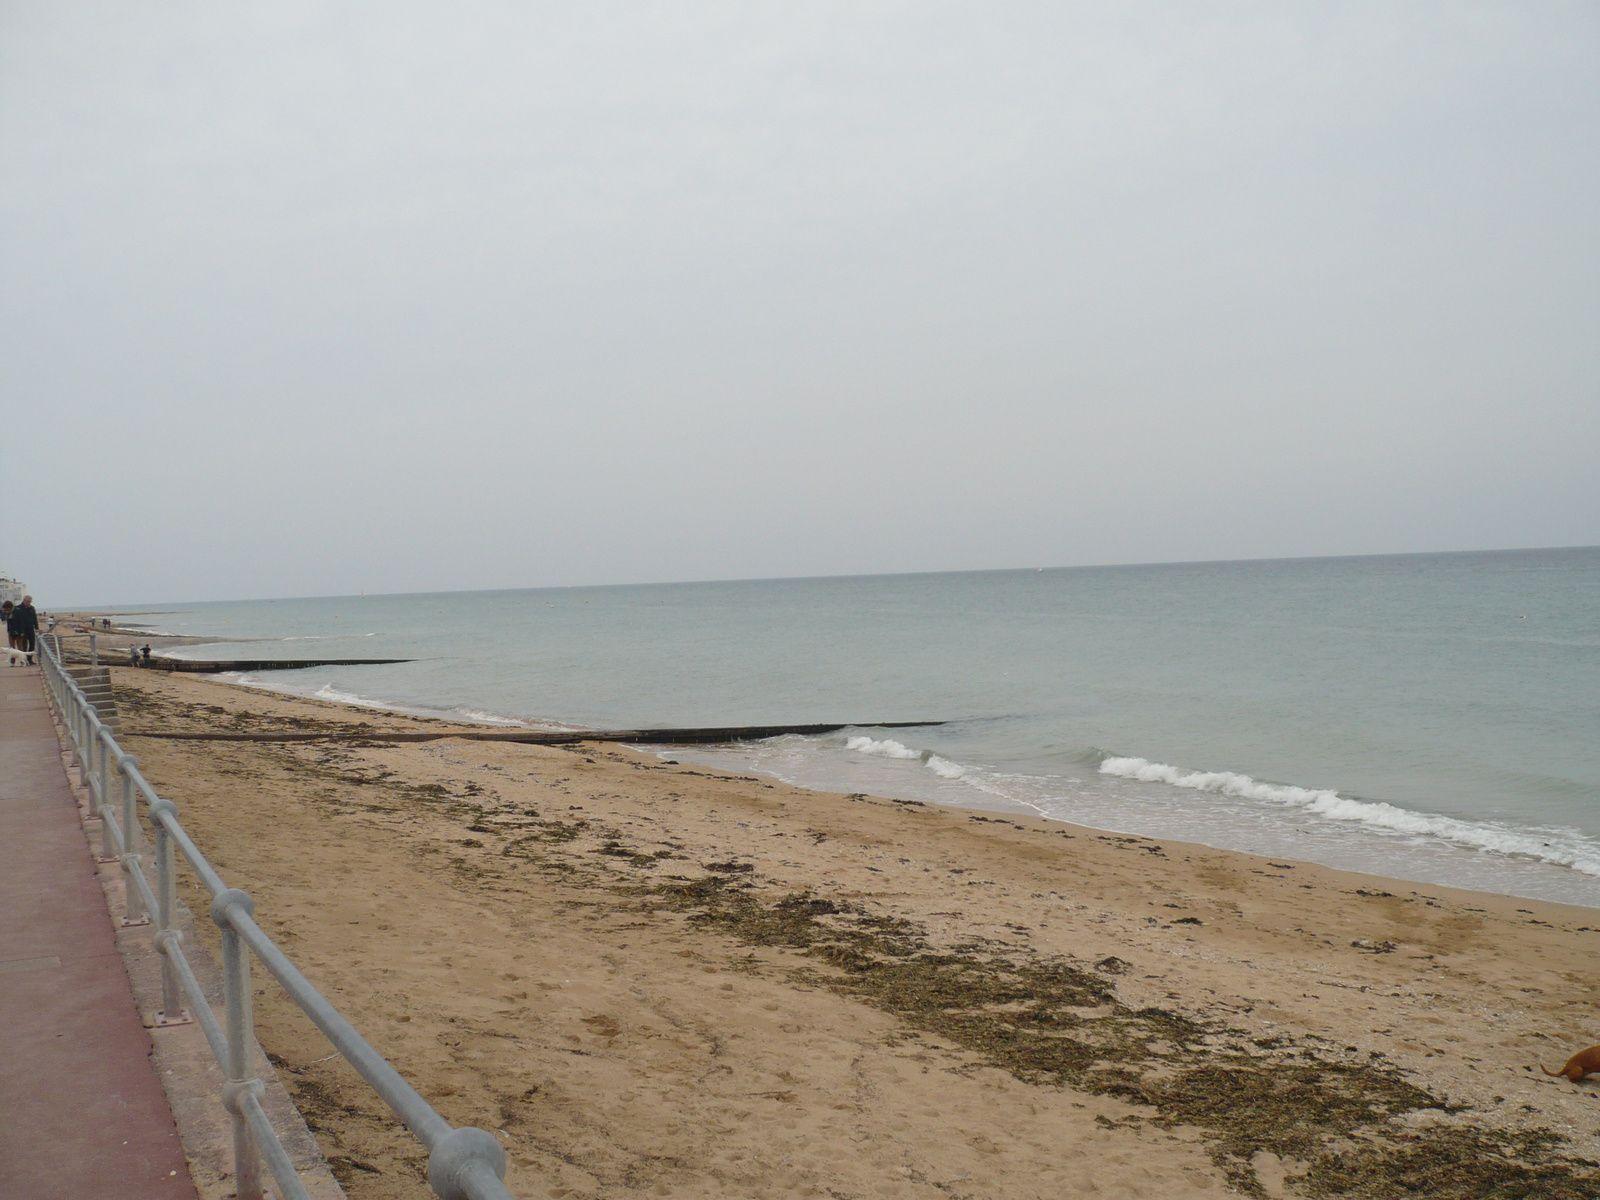 La plage de Luc-sur-Mer dans le Calvados